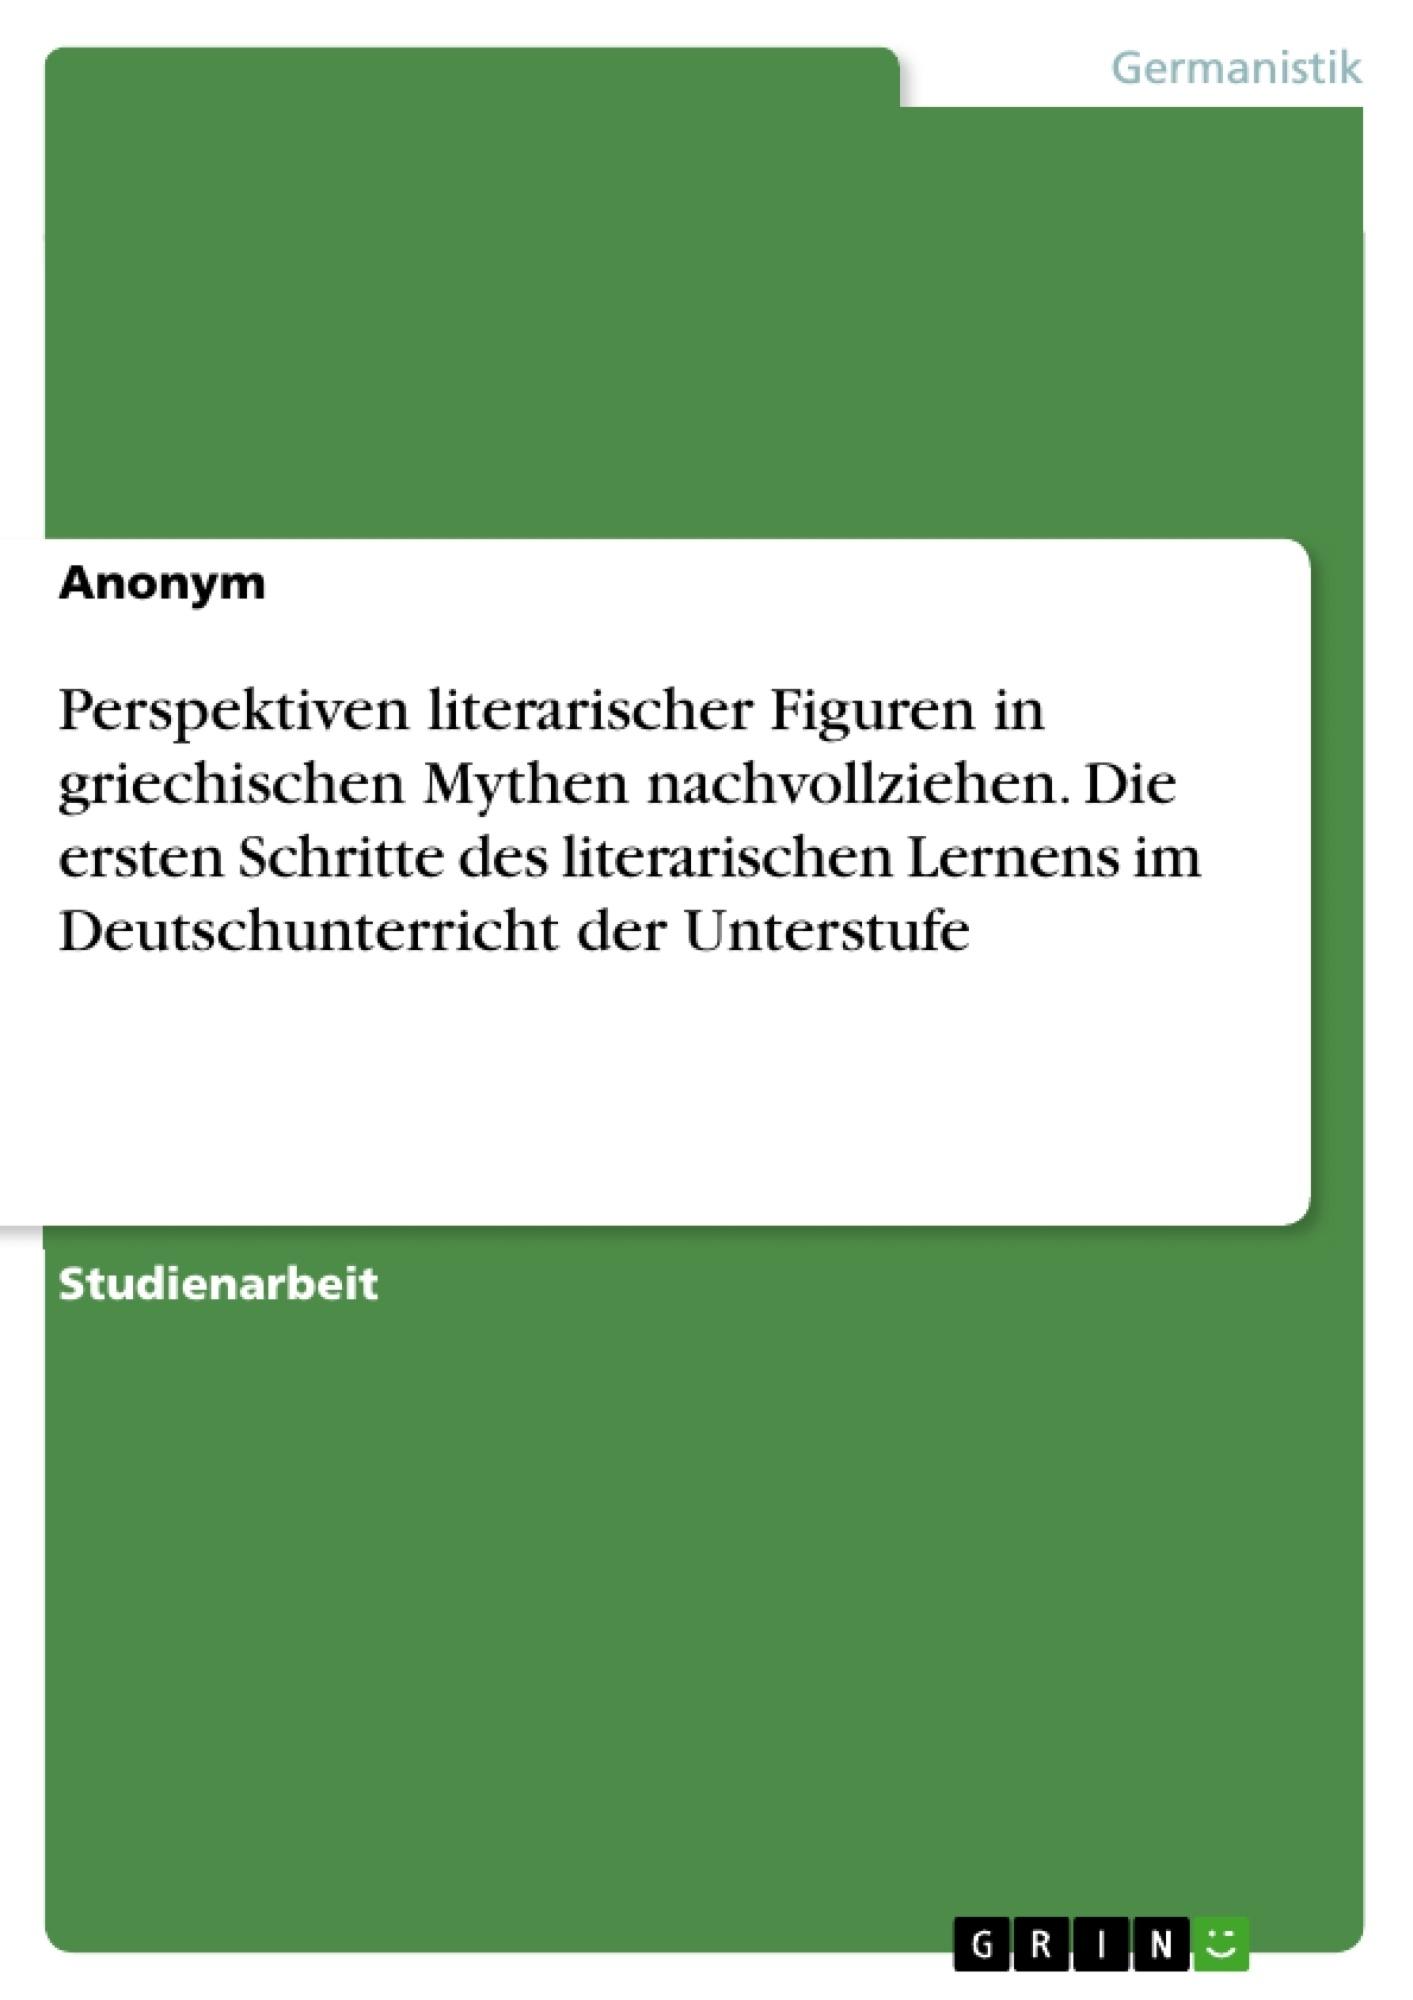 Titel: Perspektiven literarischer Figuren in griechischen Mythen nachvollziehen. Die ersten Schritte des literarischen Lernens im Deutschunterricht der Unterstufe